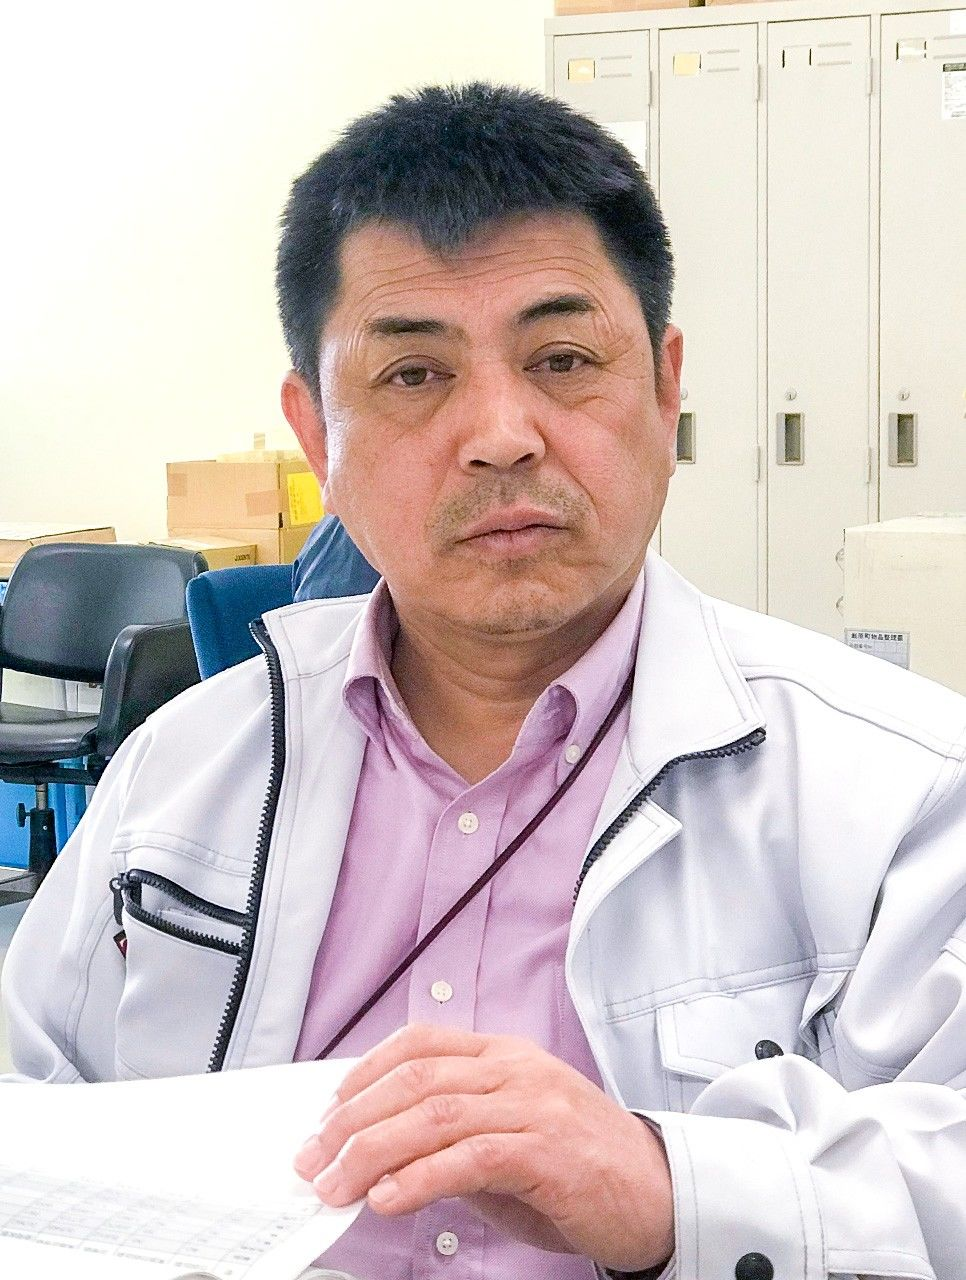 Глава департамента экологической стратегии Цусимы Сарикура Масаси